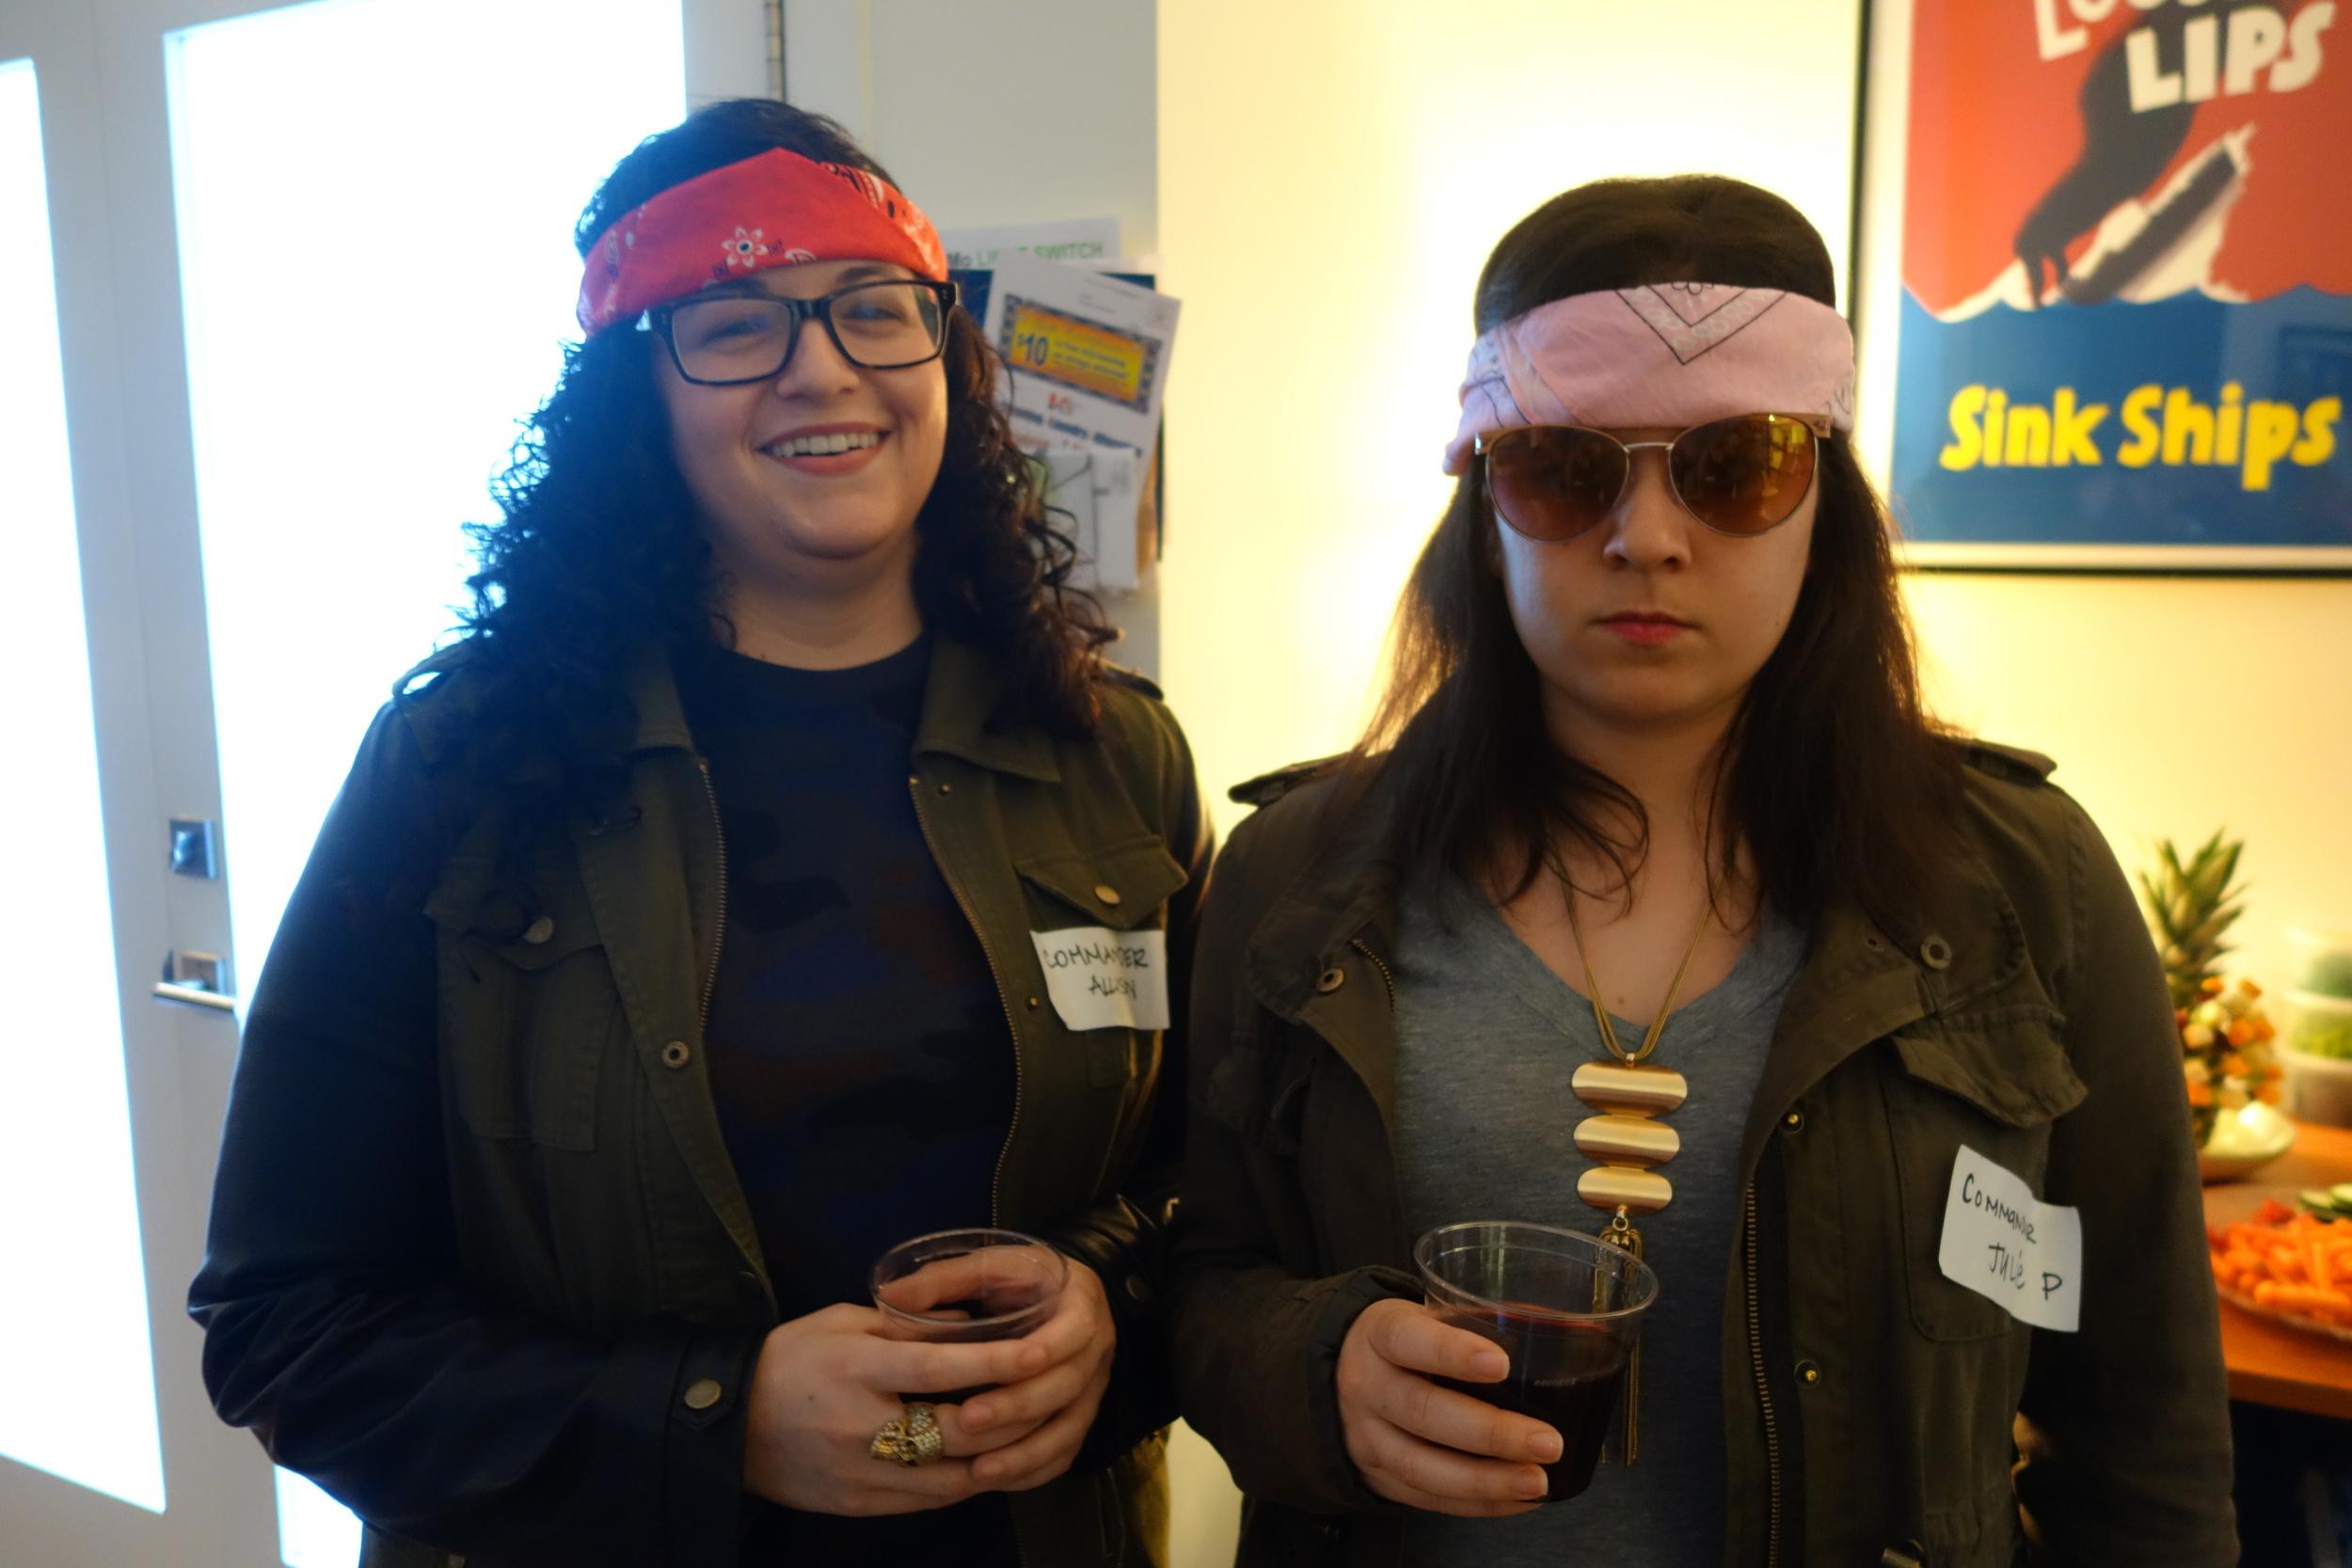 DSC01205 The Pinchak Sisters.JPG